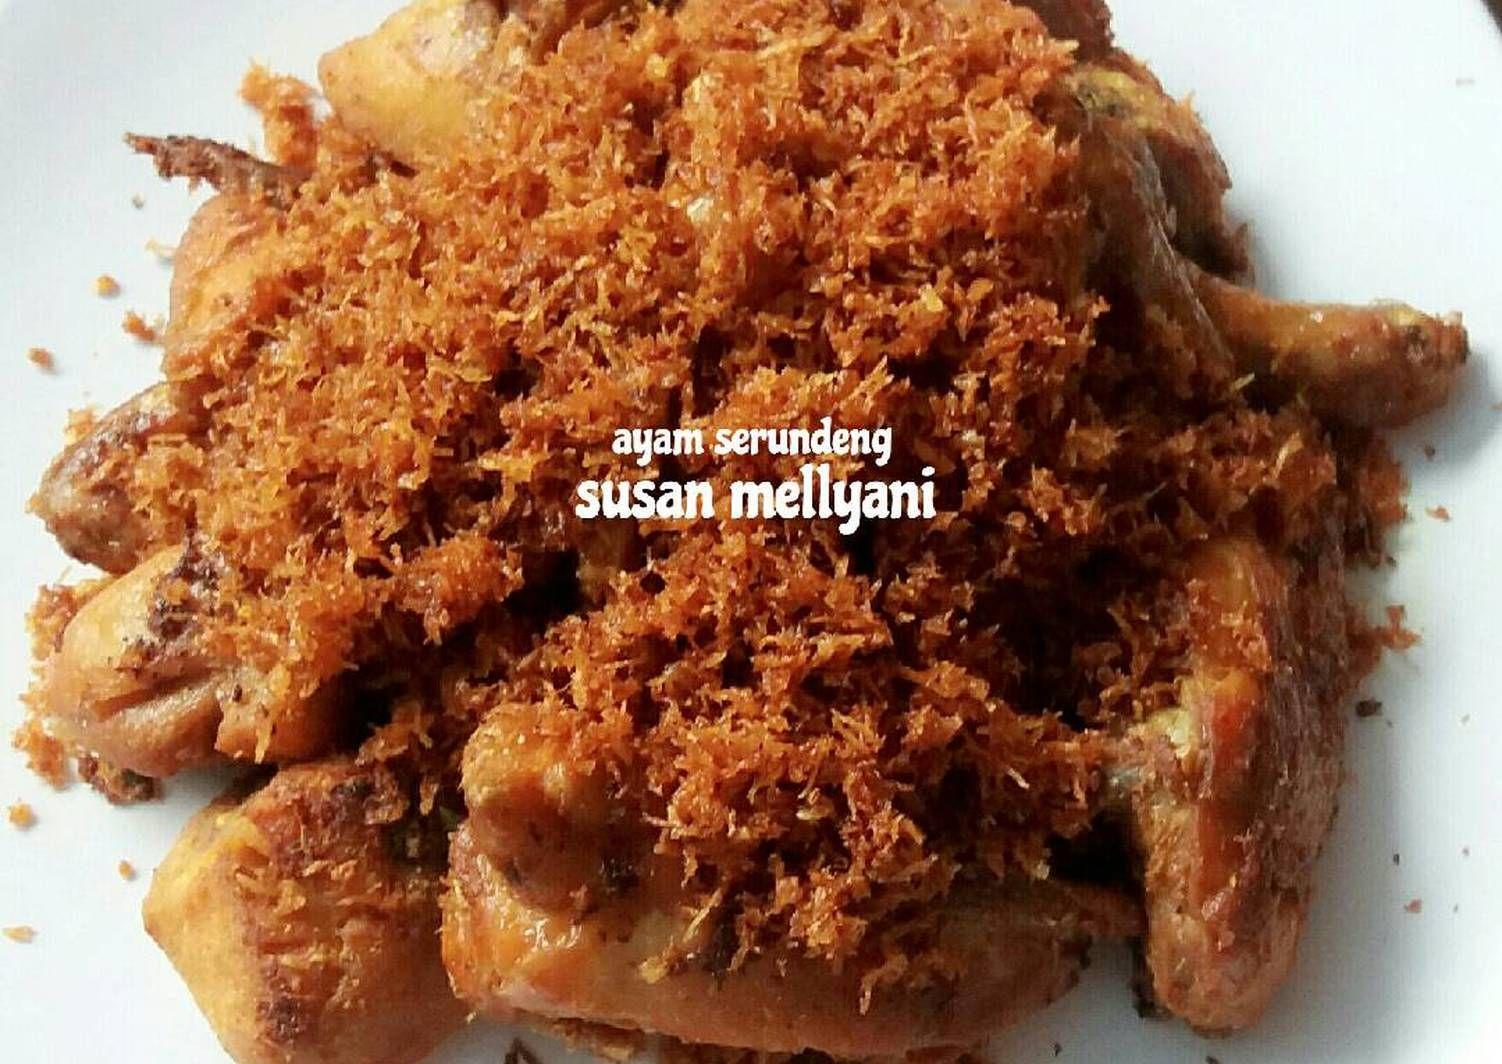 Resep Ayam Serundeng Oleh Susan Mellyani Resep Resep Ayam Resep Masakan Indonesia Resep